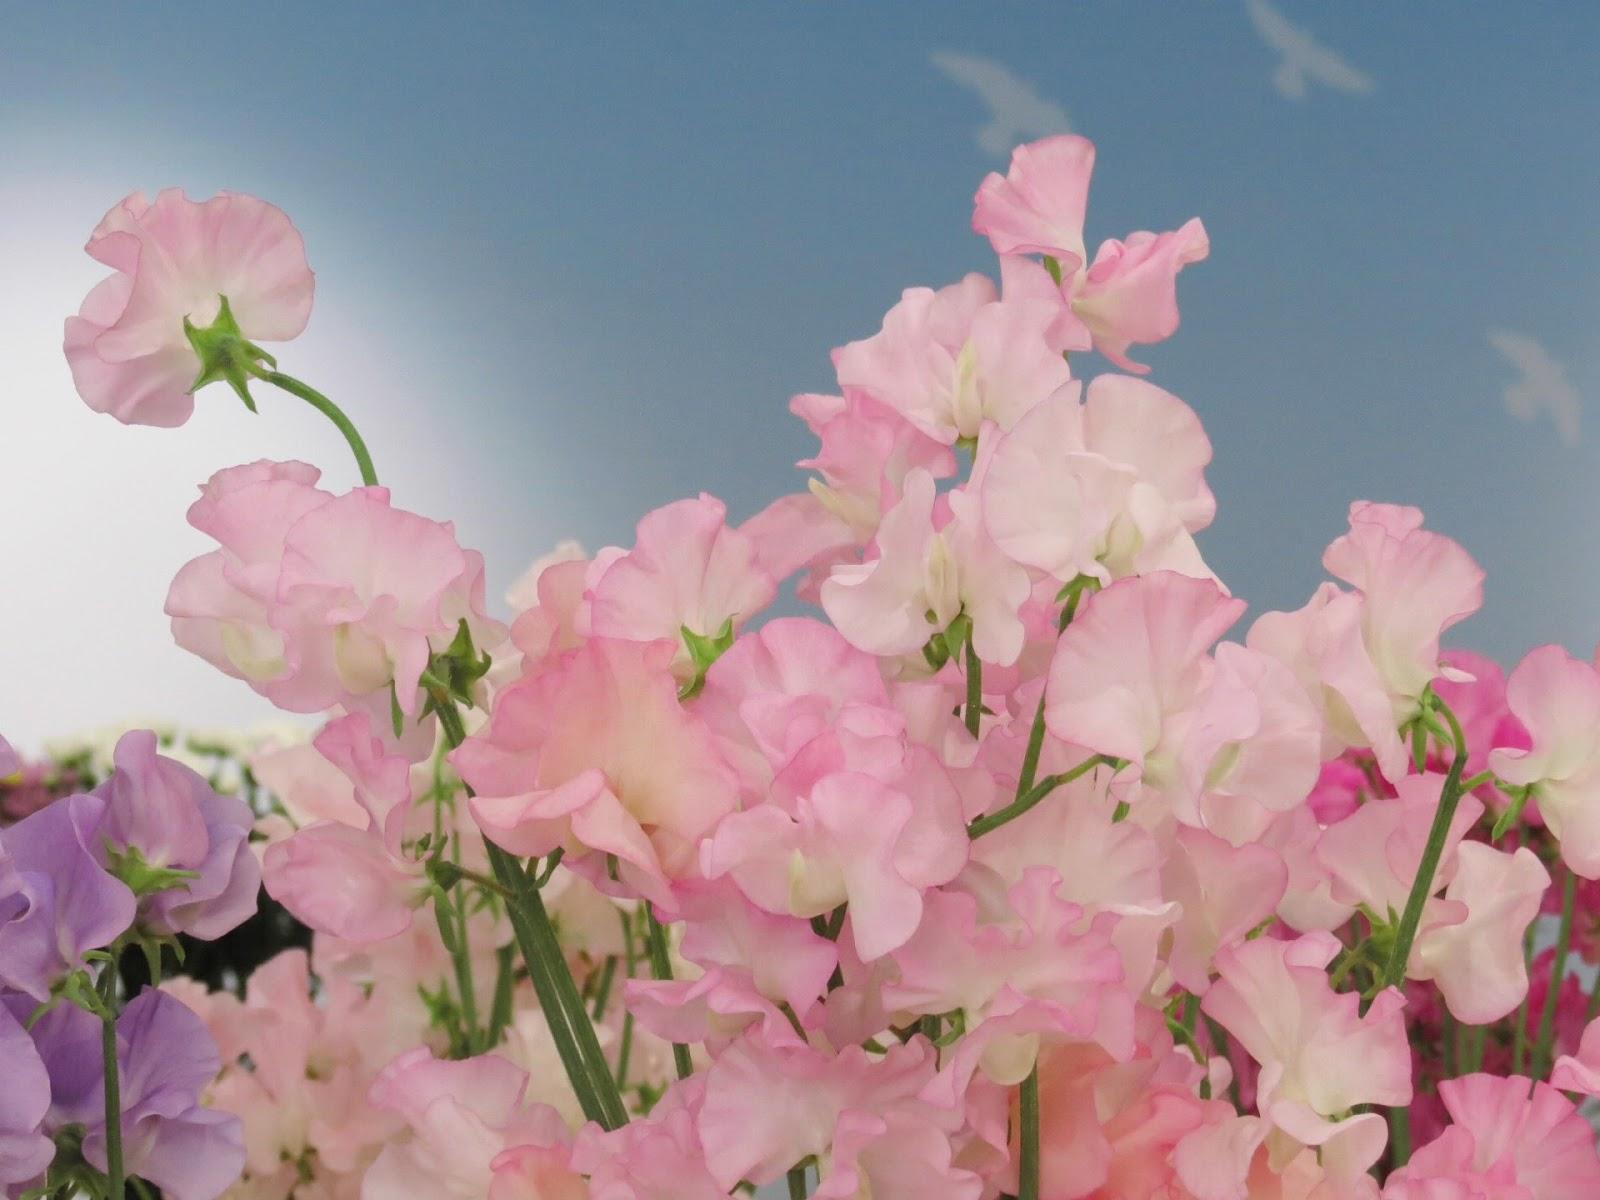 BANCO DE IMÁGENES: Nuevos Paisajes Con Flores Para